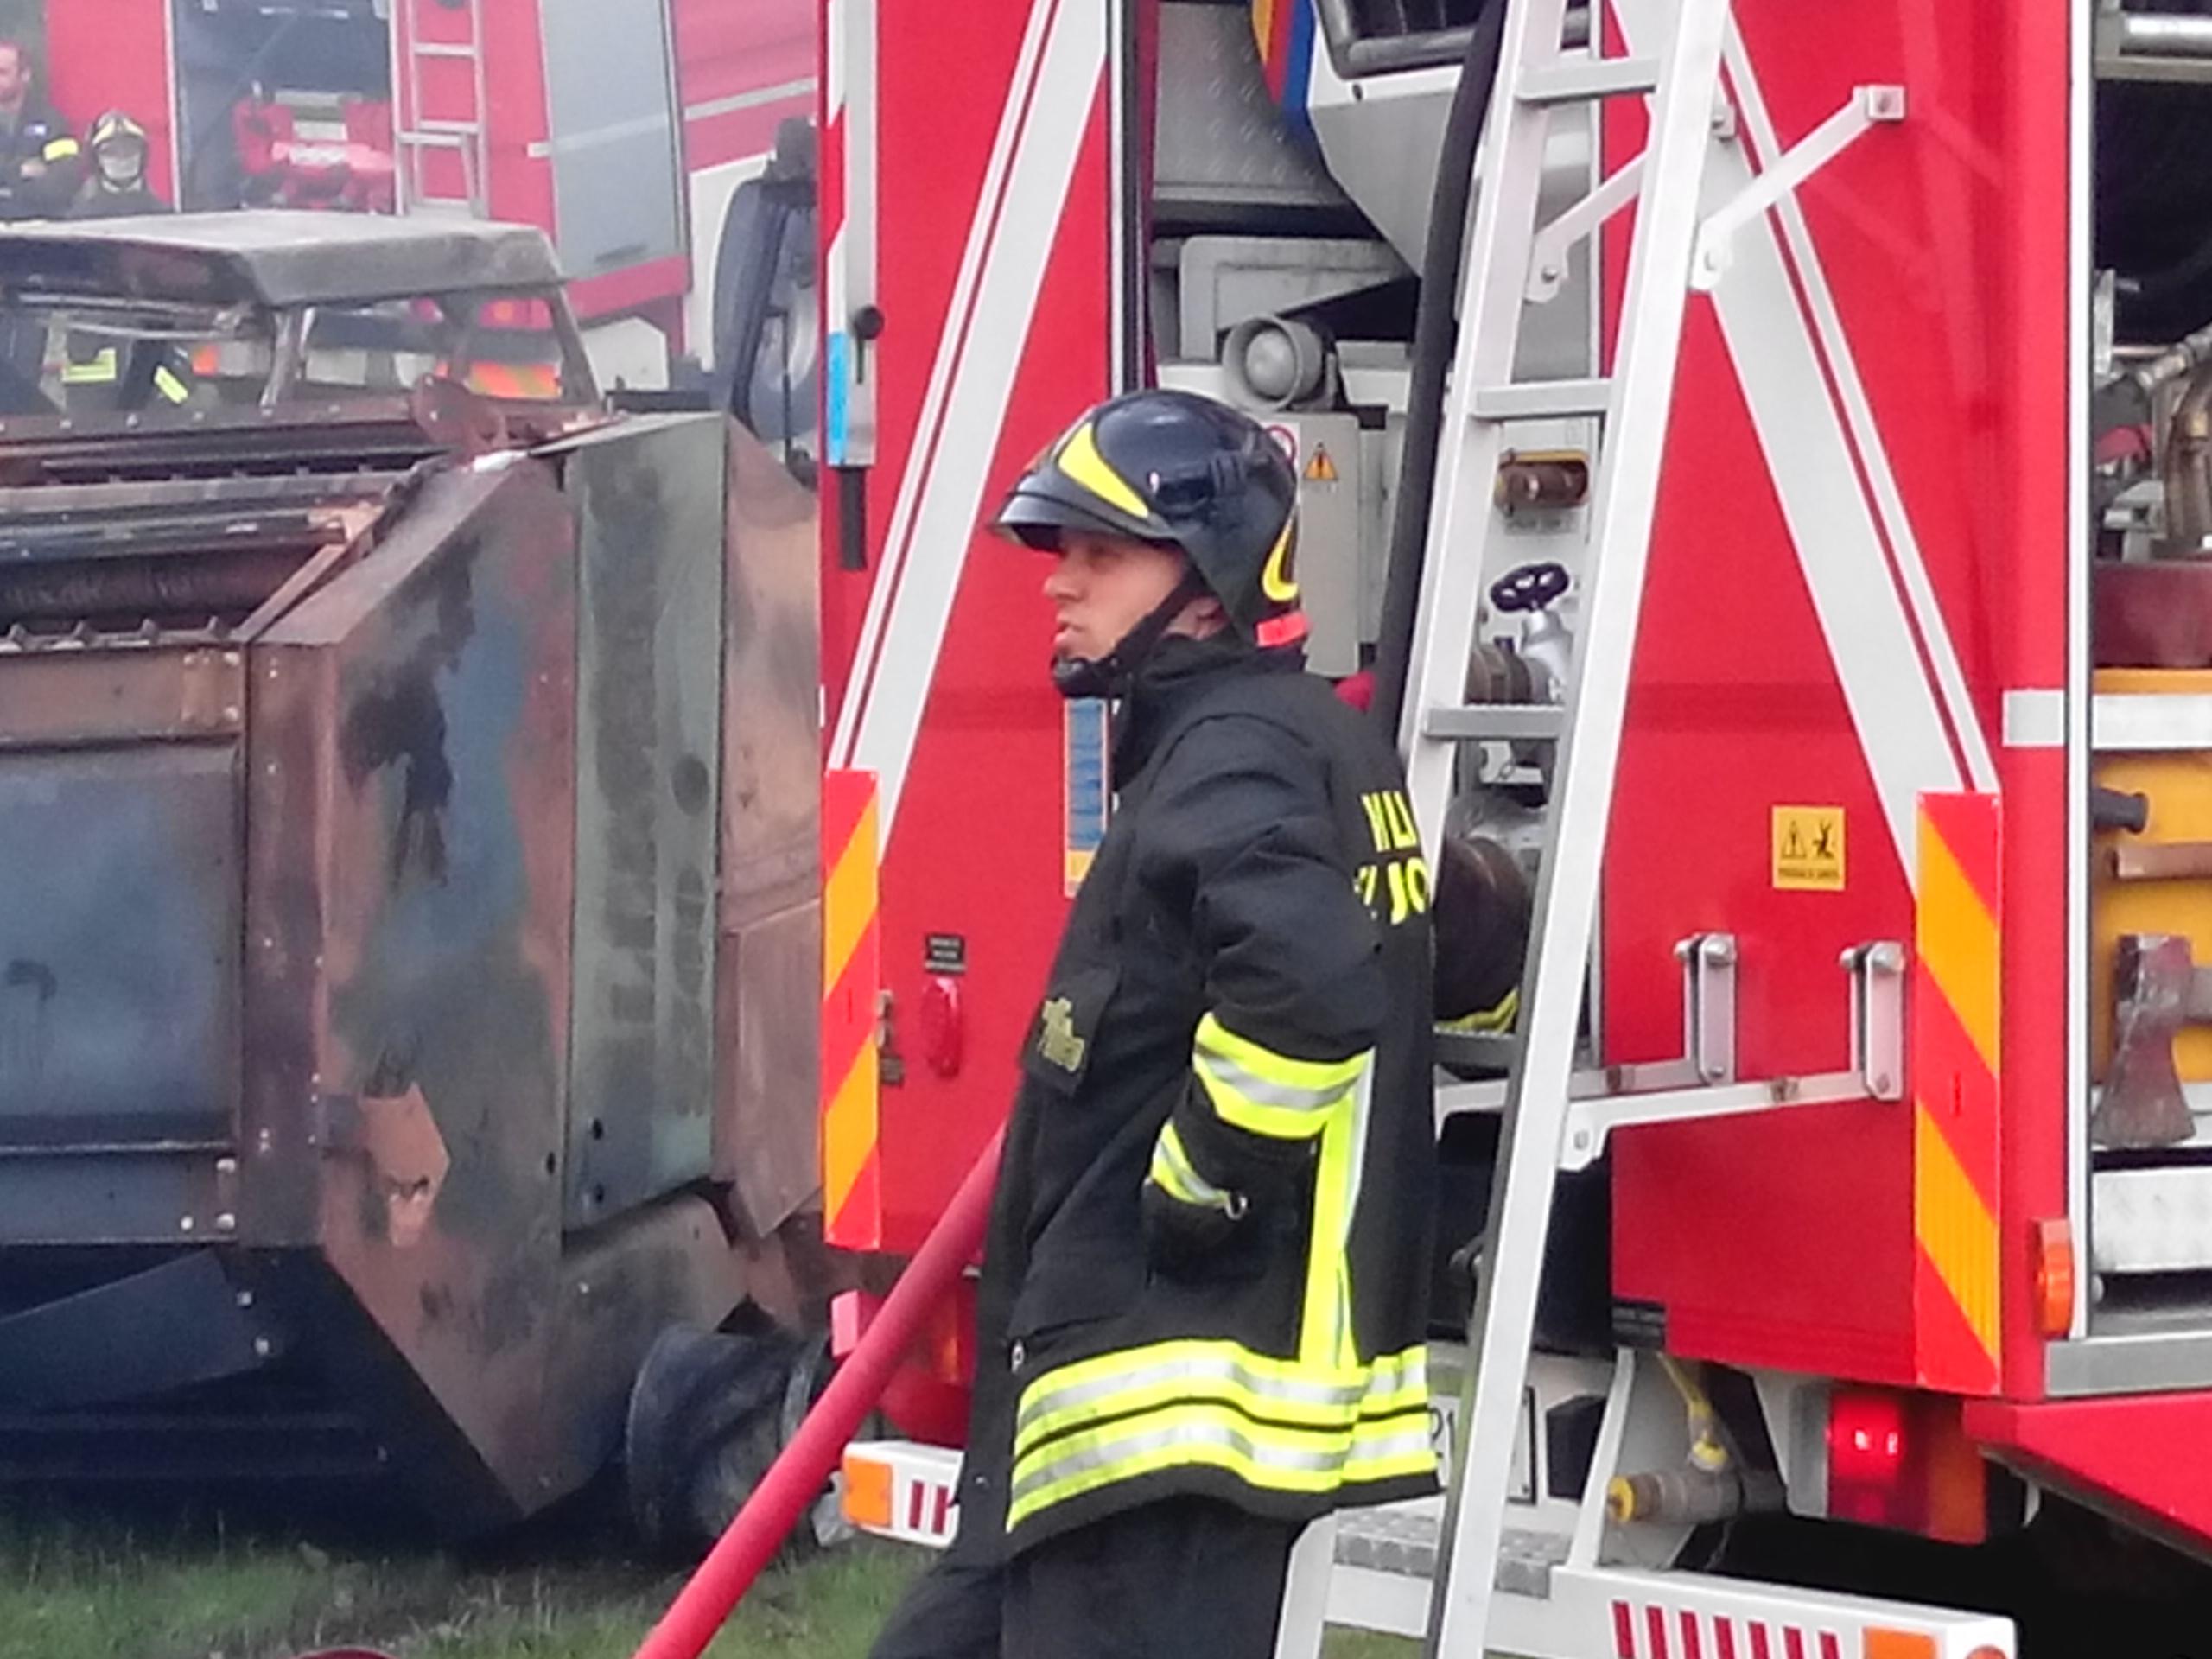 Pompiere velocità incontri NYC